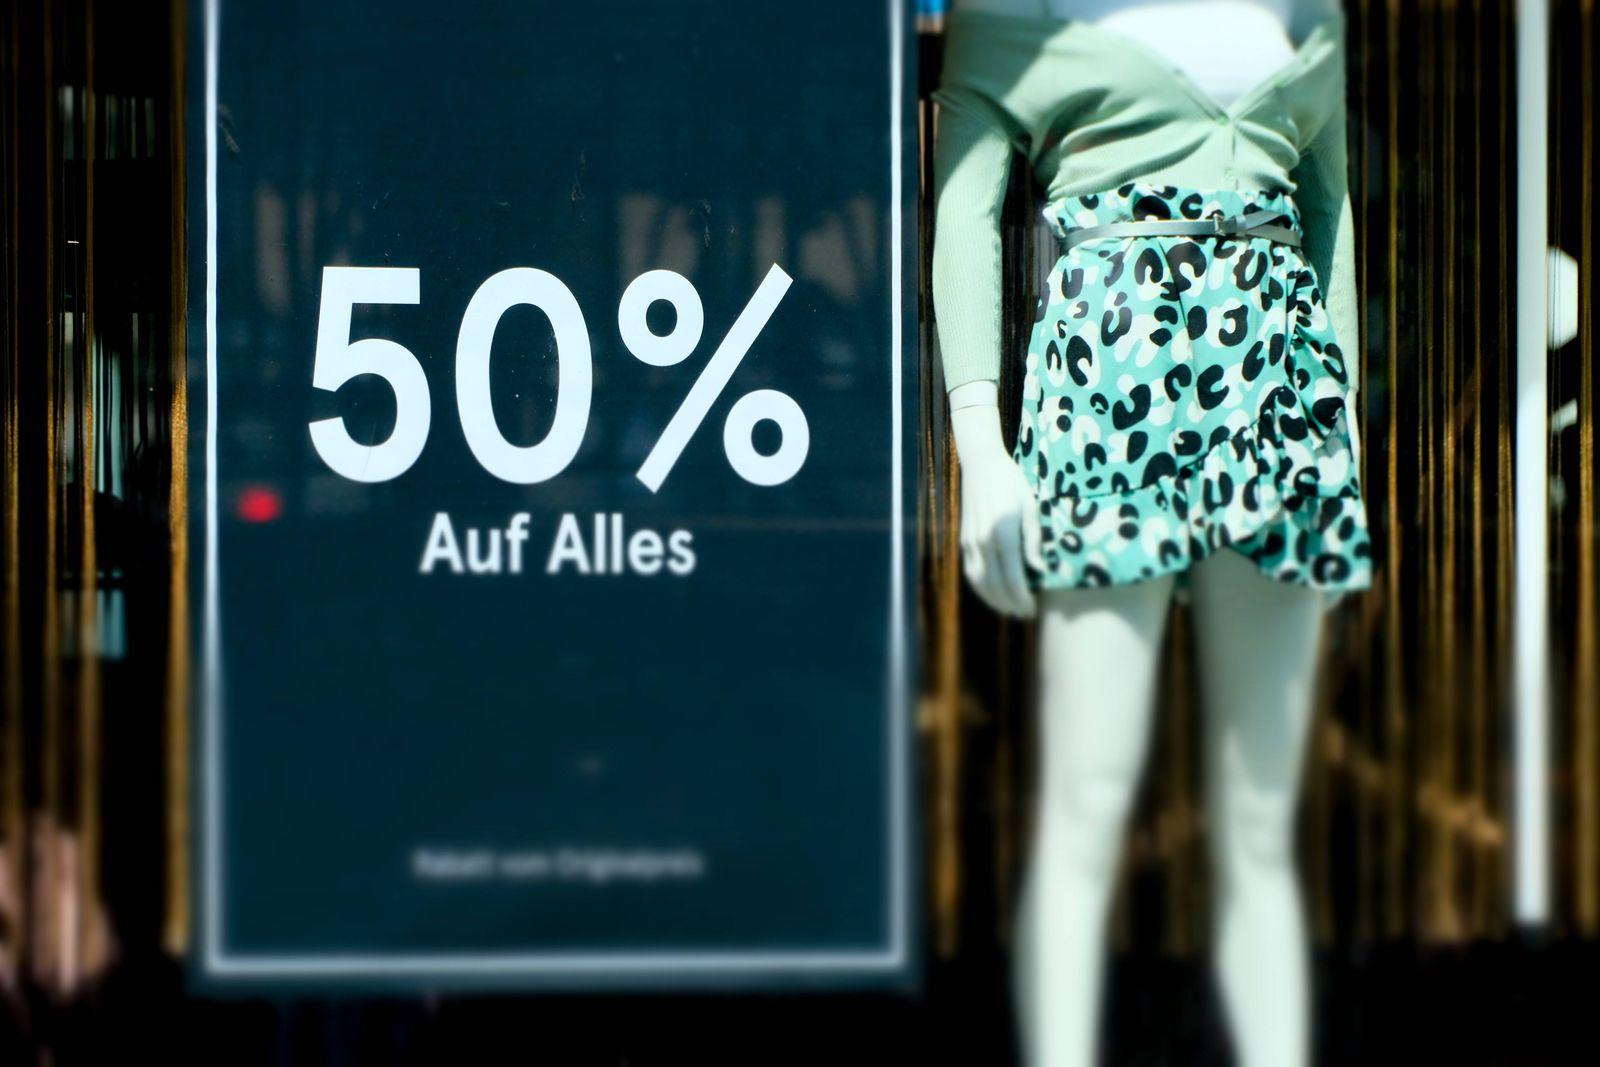 Düsseldorf 28.05.2021 Einkaufsmeile Shoppingmeile Einkaufen Shoppen Luxus Geschäft Pandemie Lockdown Covid Corona Maske